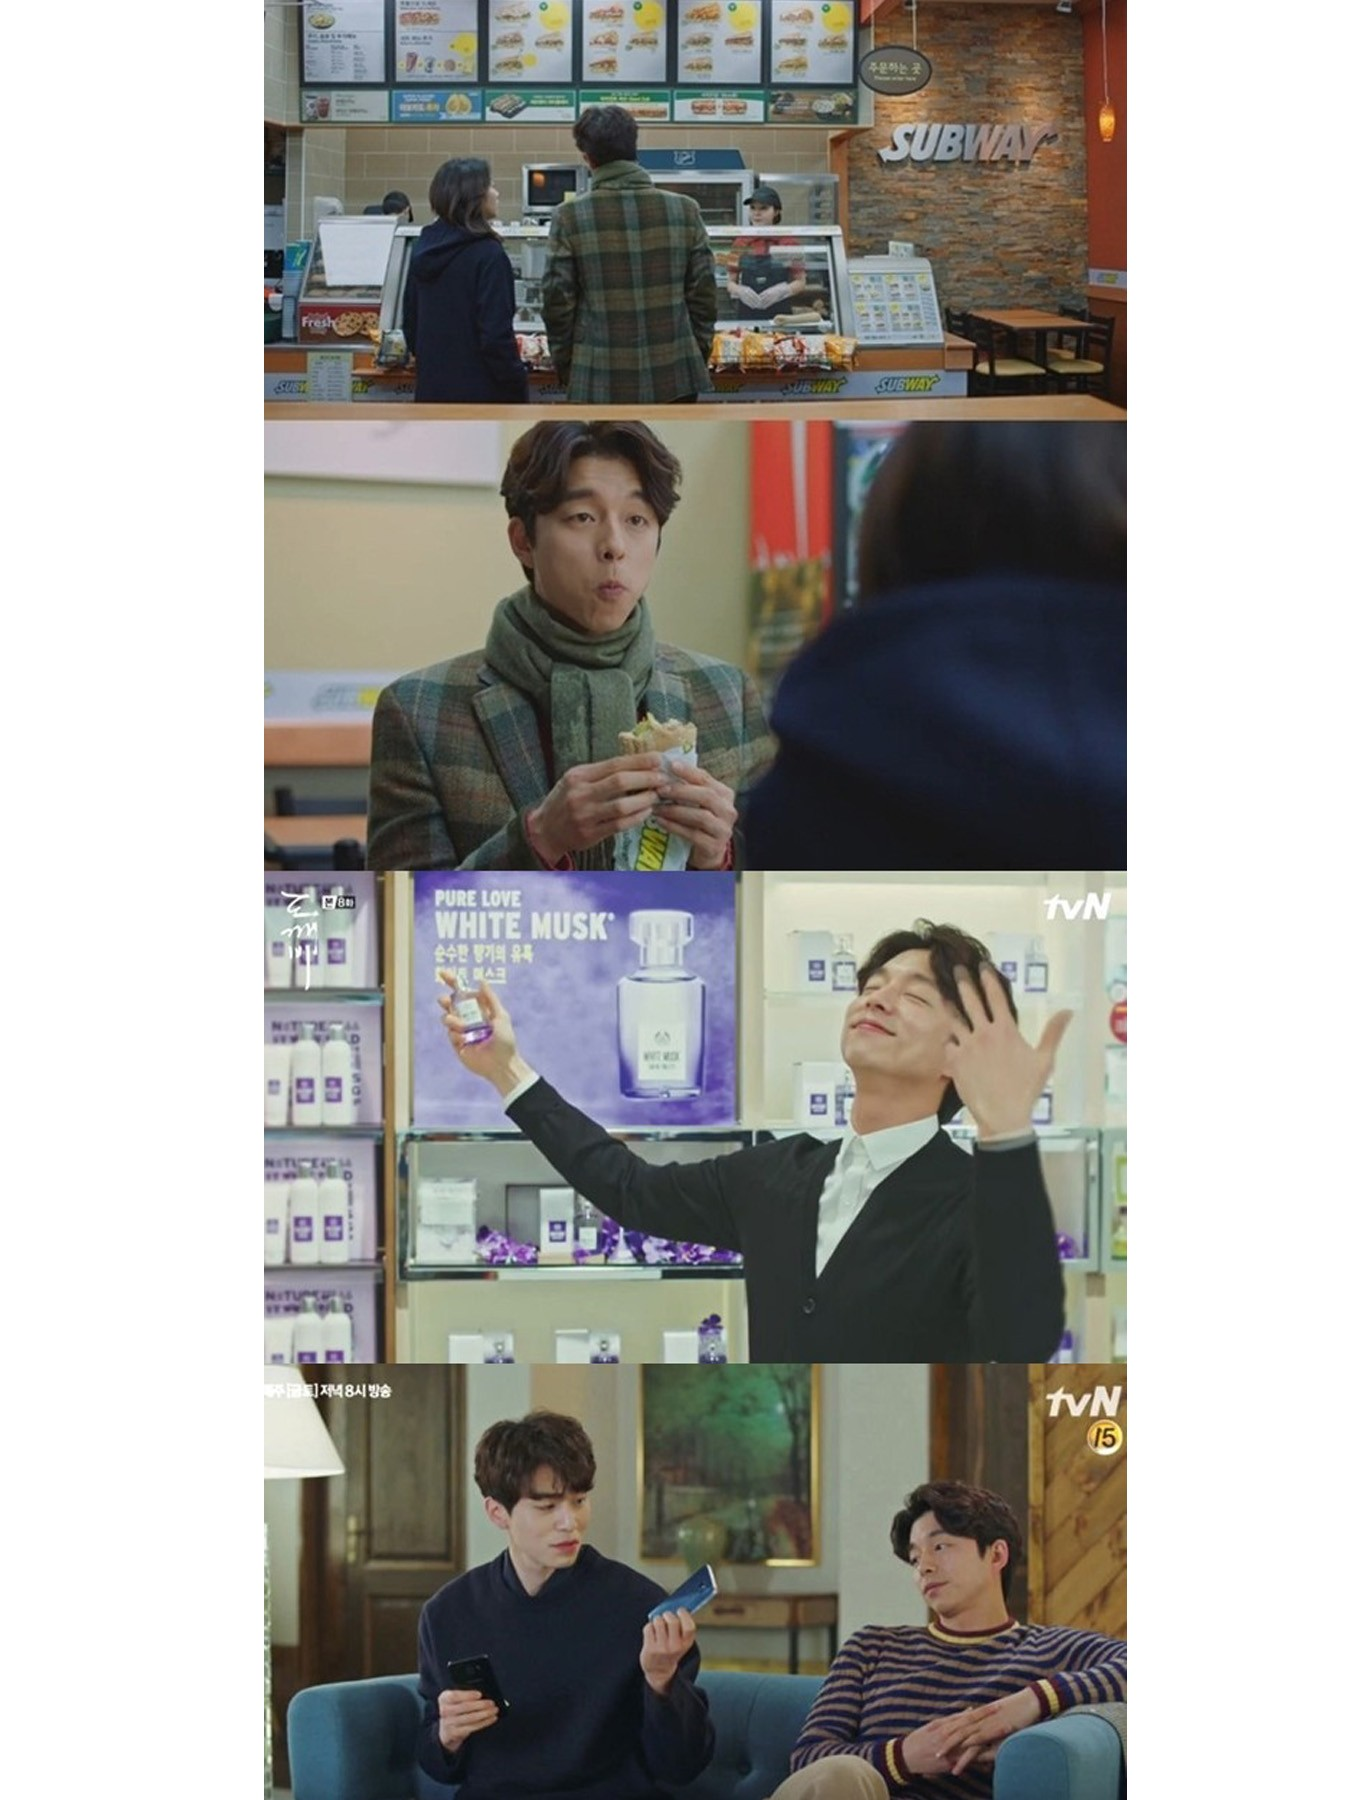 Korean drama 'Goblin' popular but controversial - Entertainment